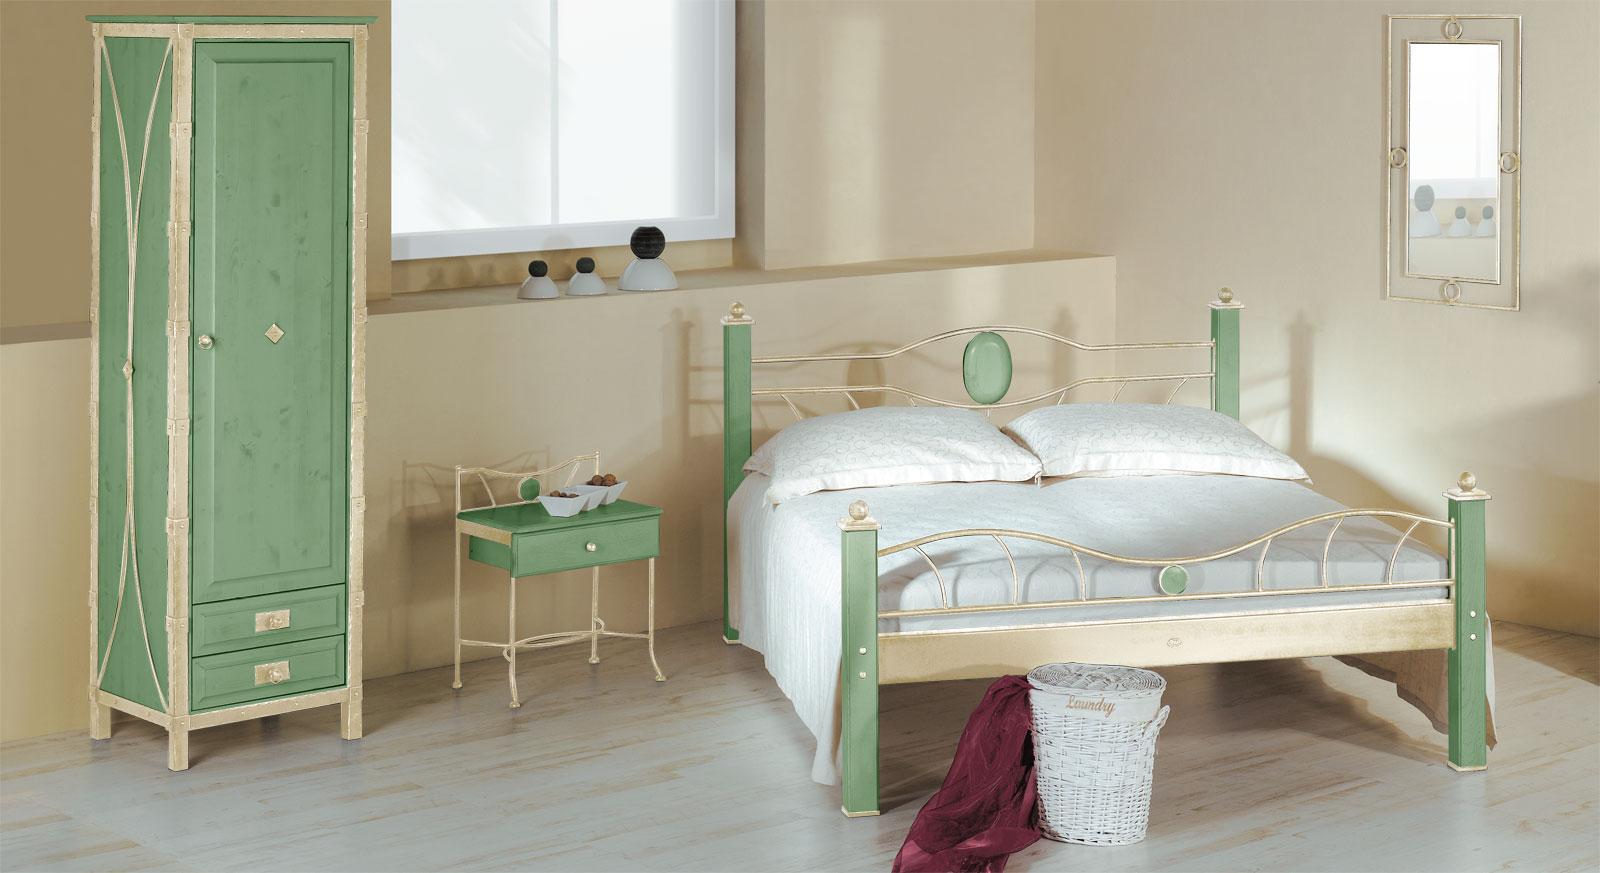 Eintüriger Drehtüren-Kleiderschrank Lavia in Grün und Creme-Gold